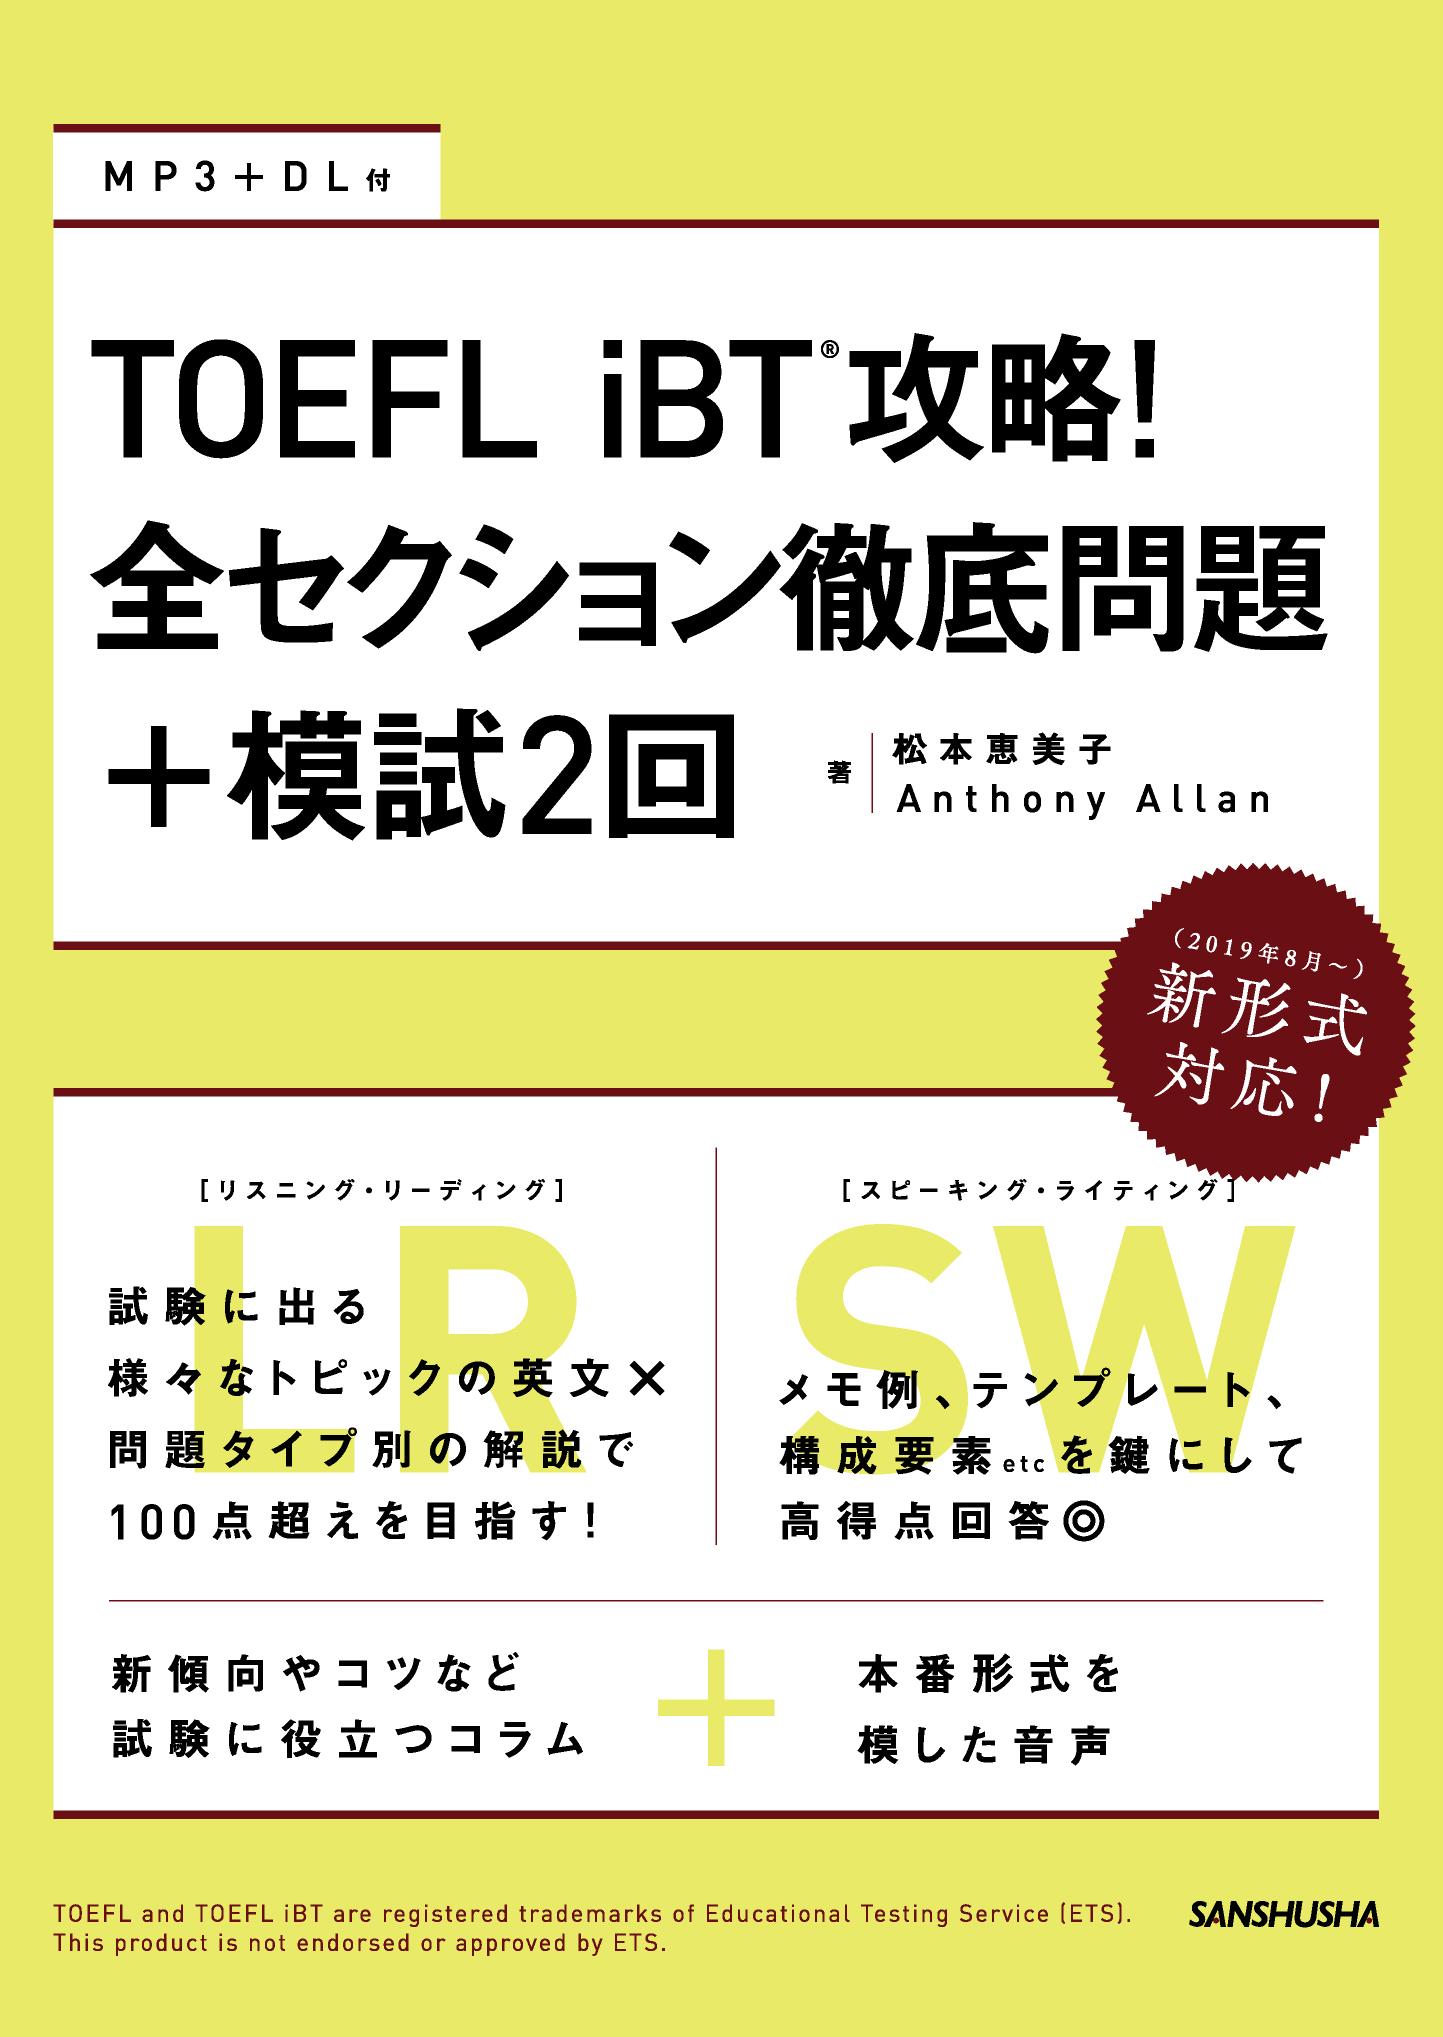 TOEFL iBT® 攻略!全セクション徹底問題+模試2回|三修社